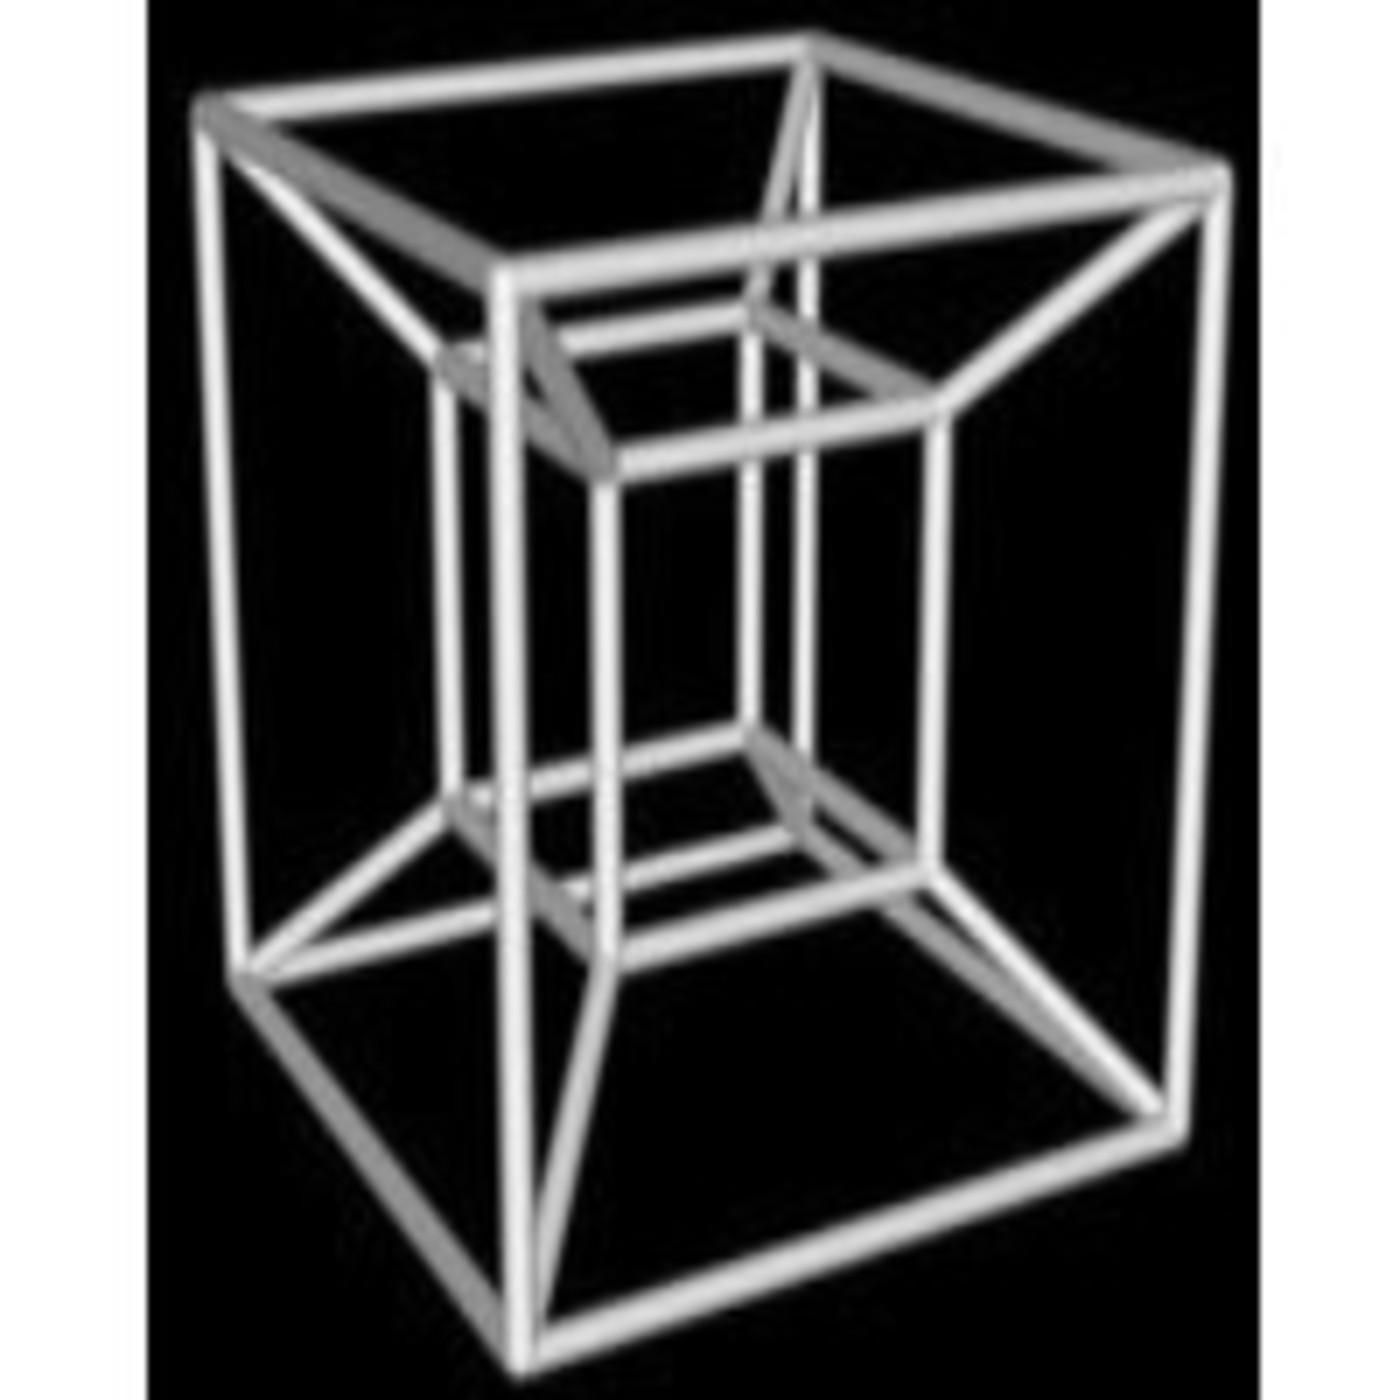 140127 Ciencia para todos - La cuarta dimensión y el espacio-tiempo